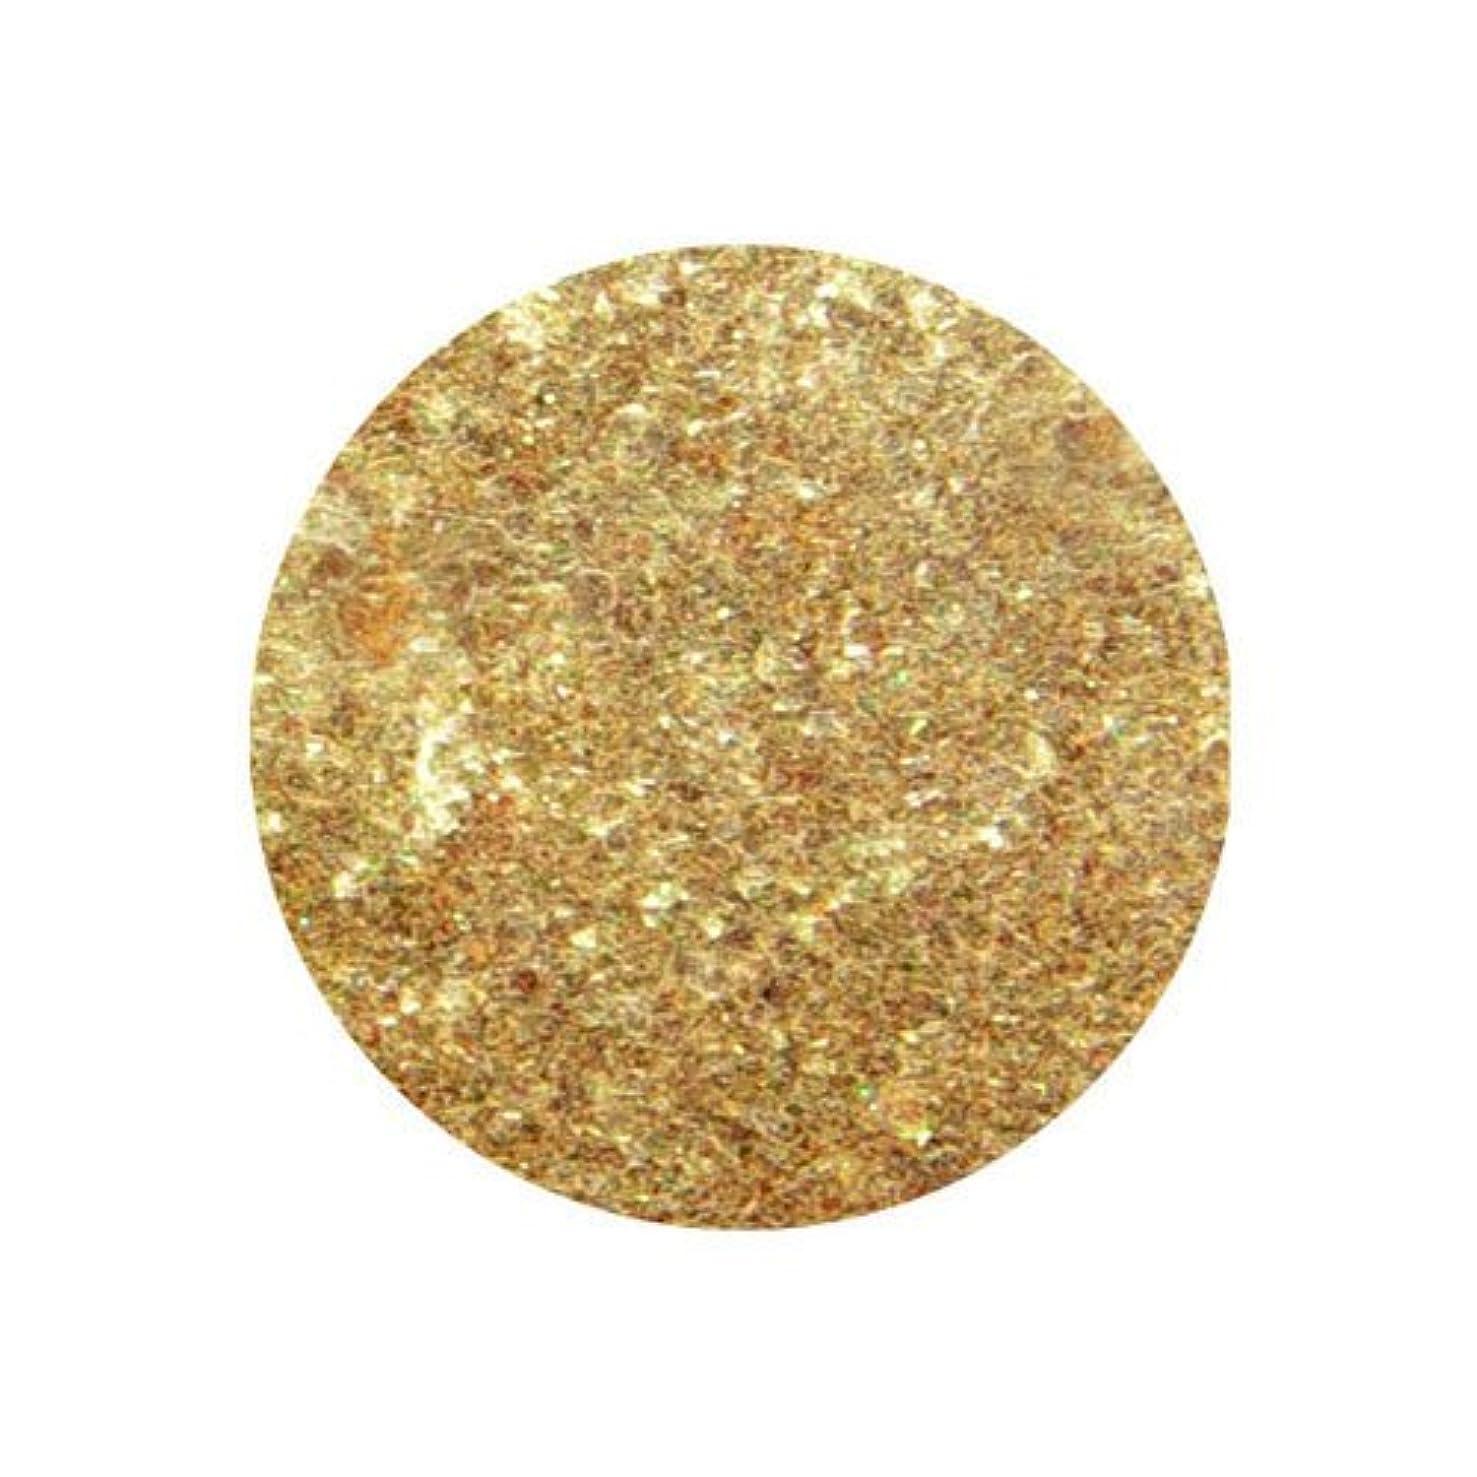 早い逆さまにムスピカエース クリスタルパール L #432-CKL ゴールド 0.5g アート材